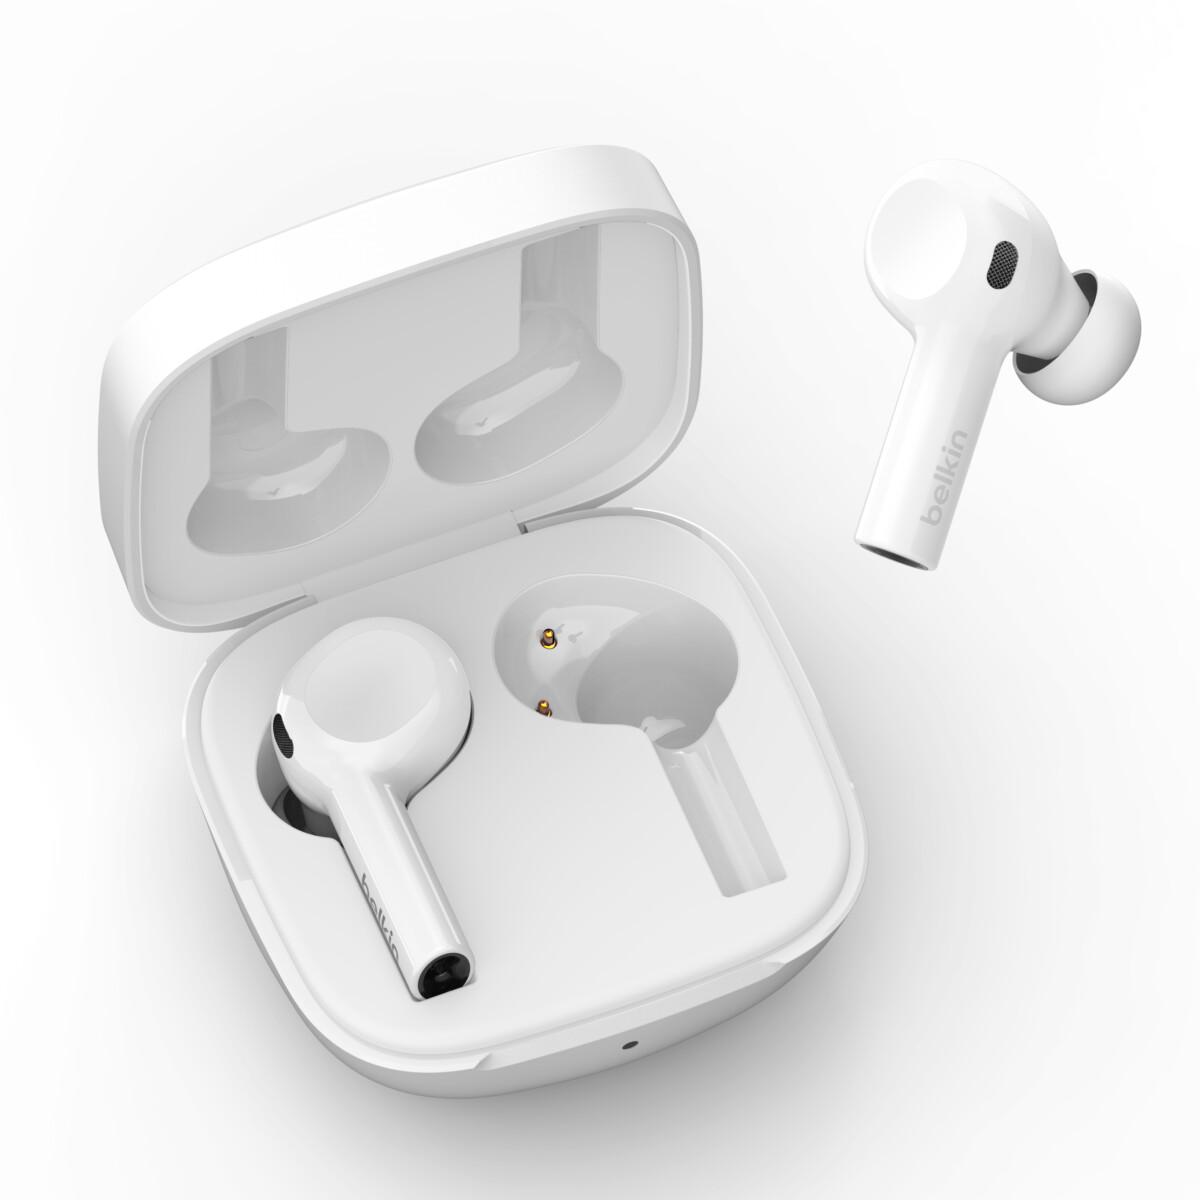 Les nouveaux écouteurs True Wireless Soundform Freedom de Belkin